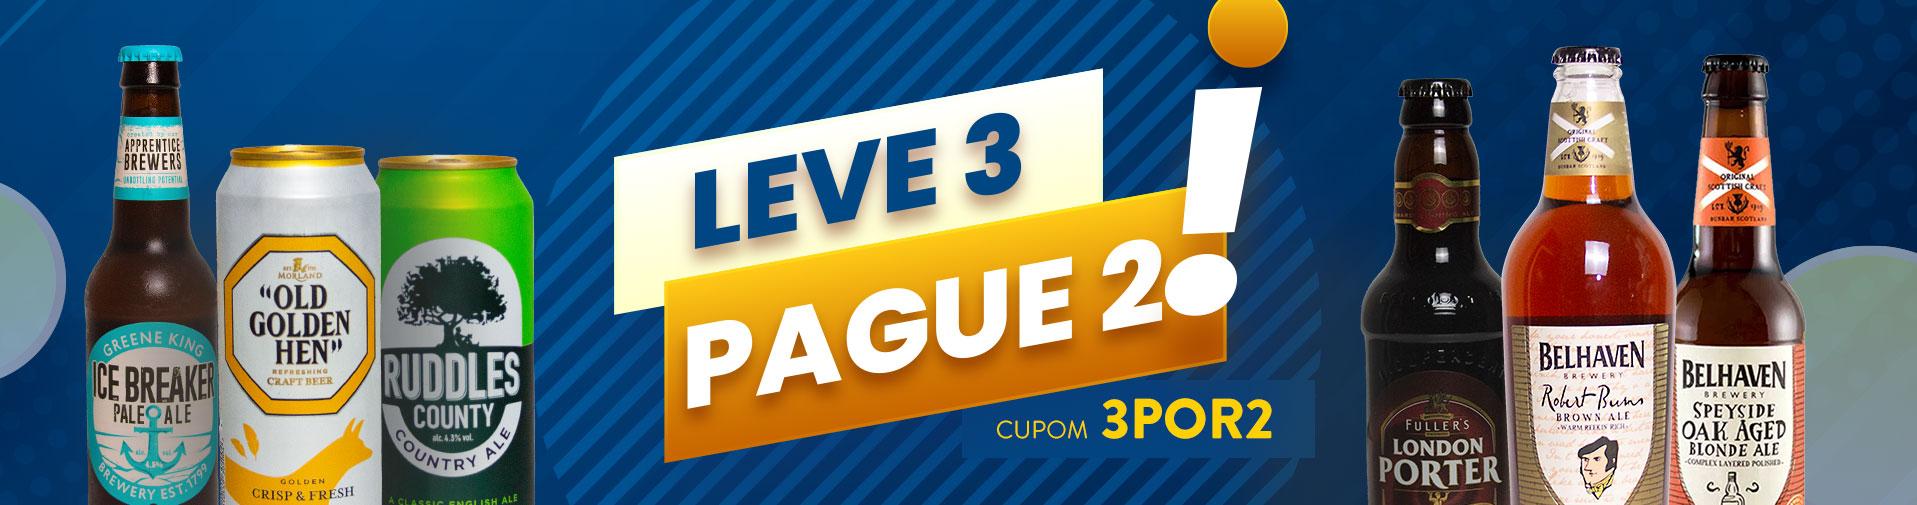 3por2